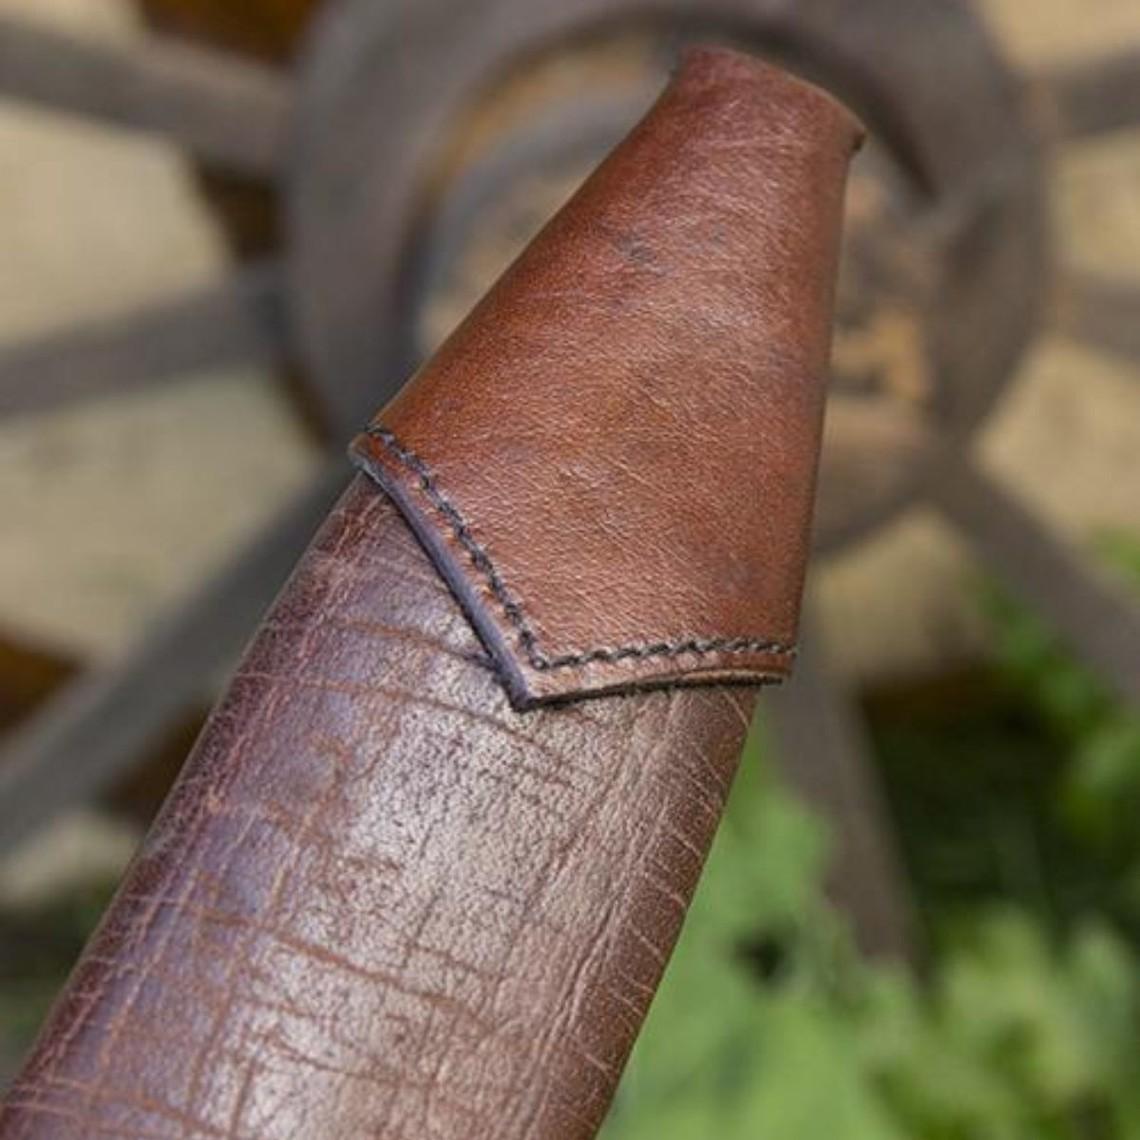 Epic Armoury Vaina de daga LARP, pequeña, derecha, marrón